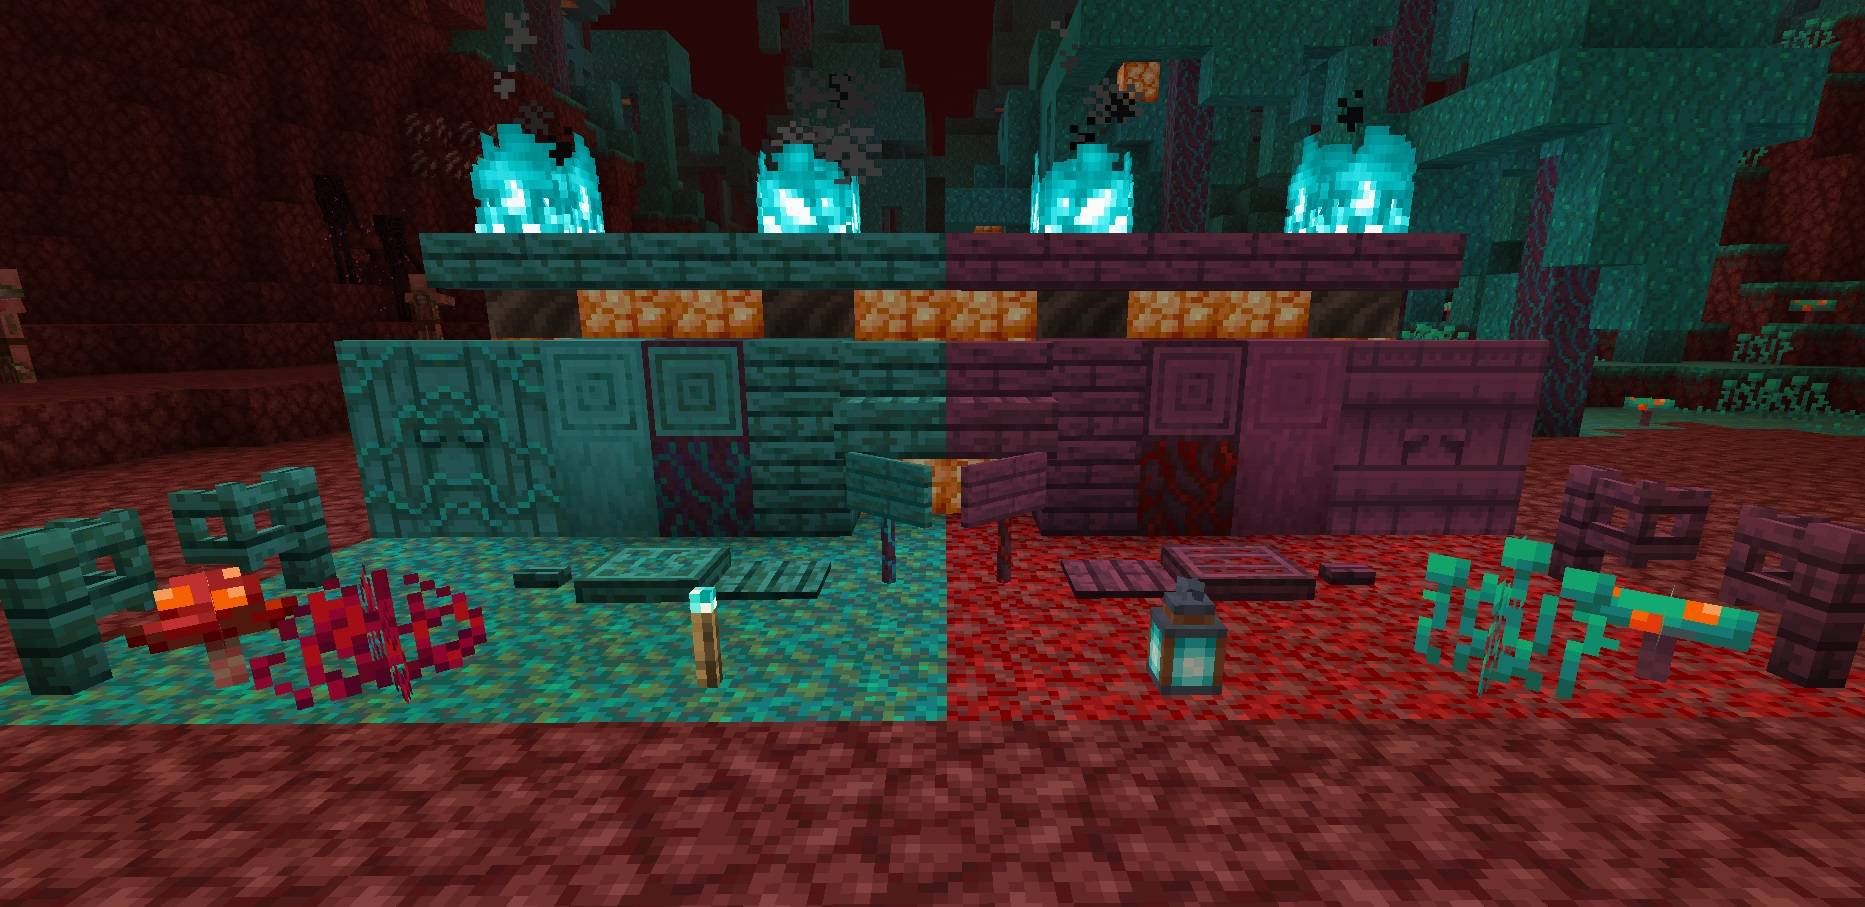 nether update all new blocks minecraft 1.16